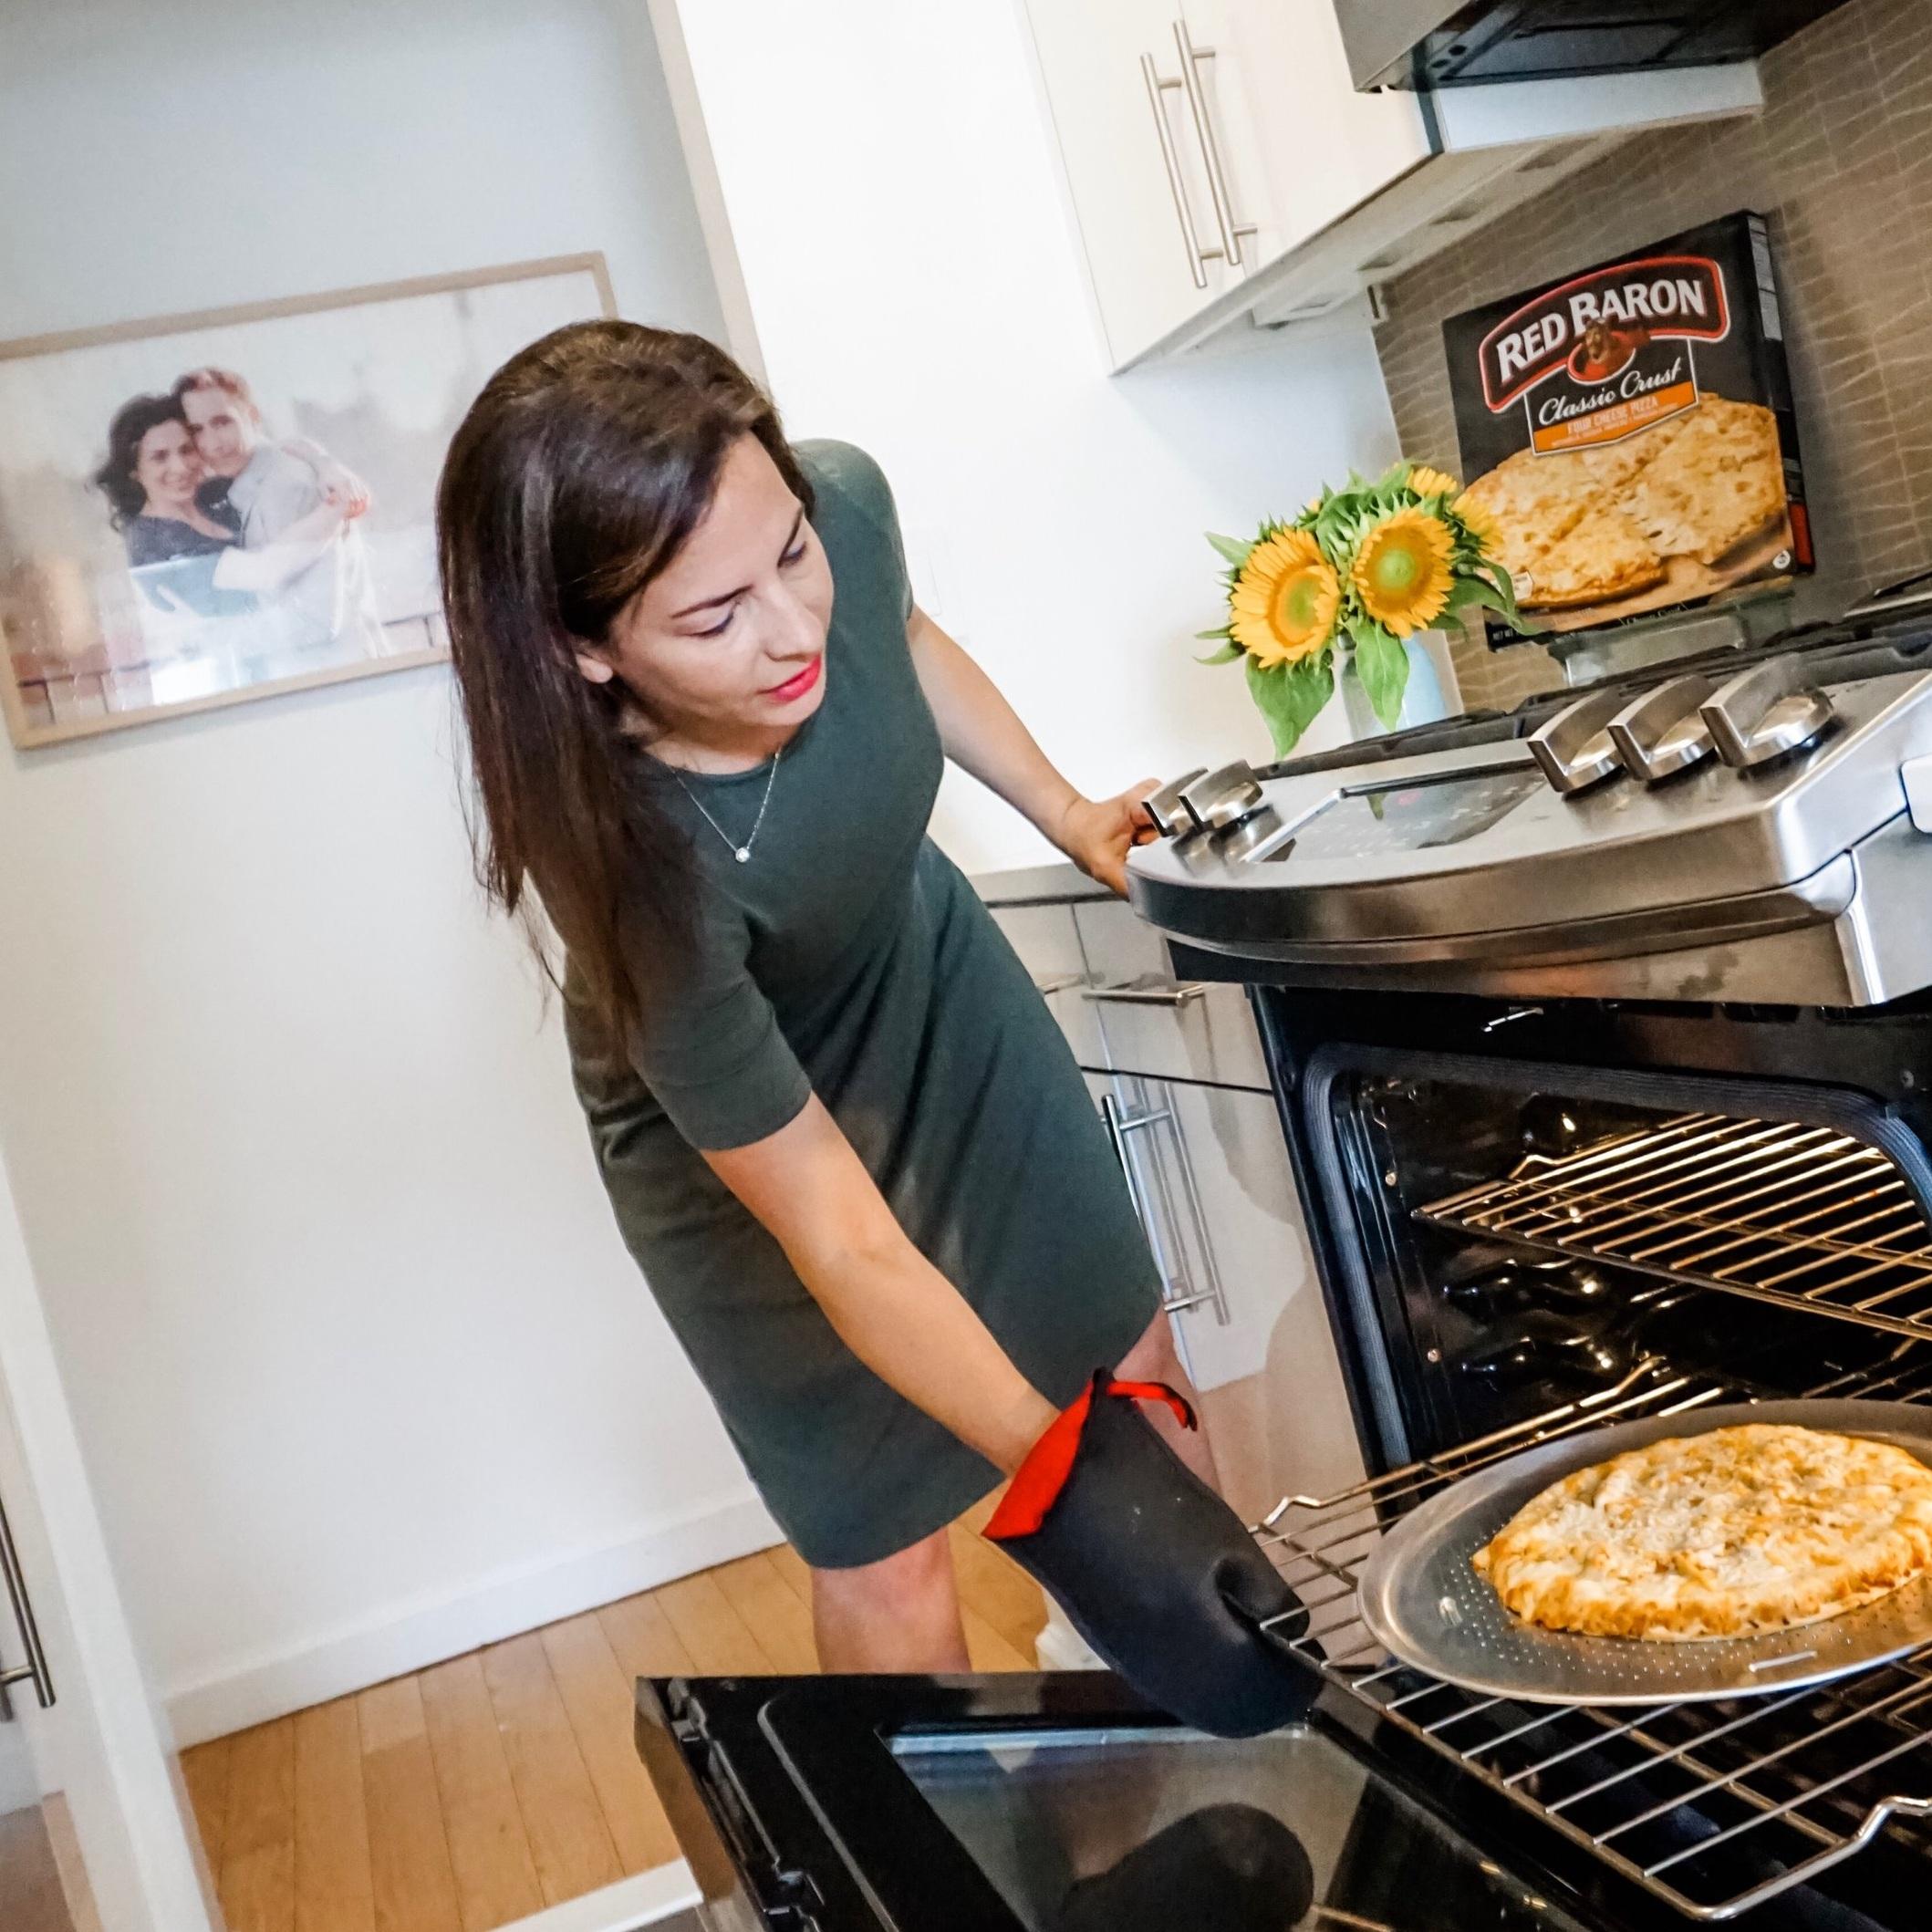 Miriam Cohen Red Baron pizza final home photos -1.jpg